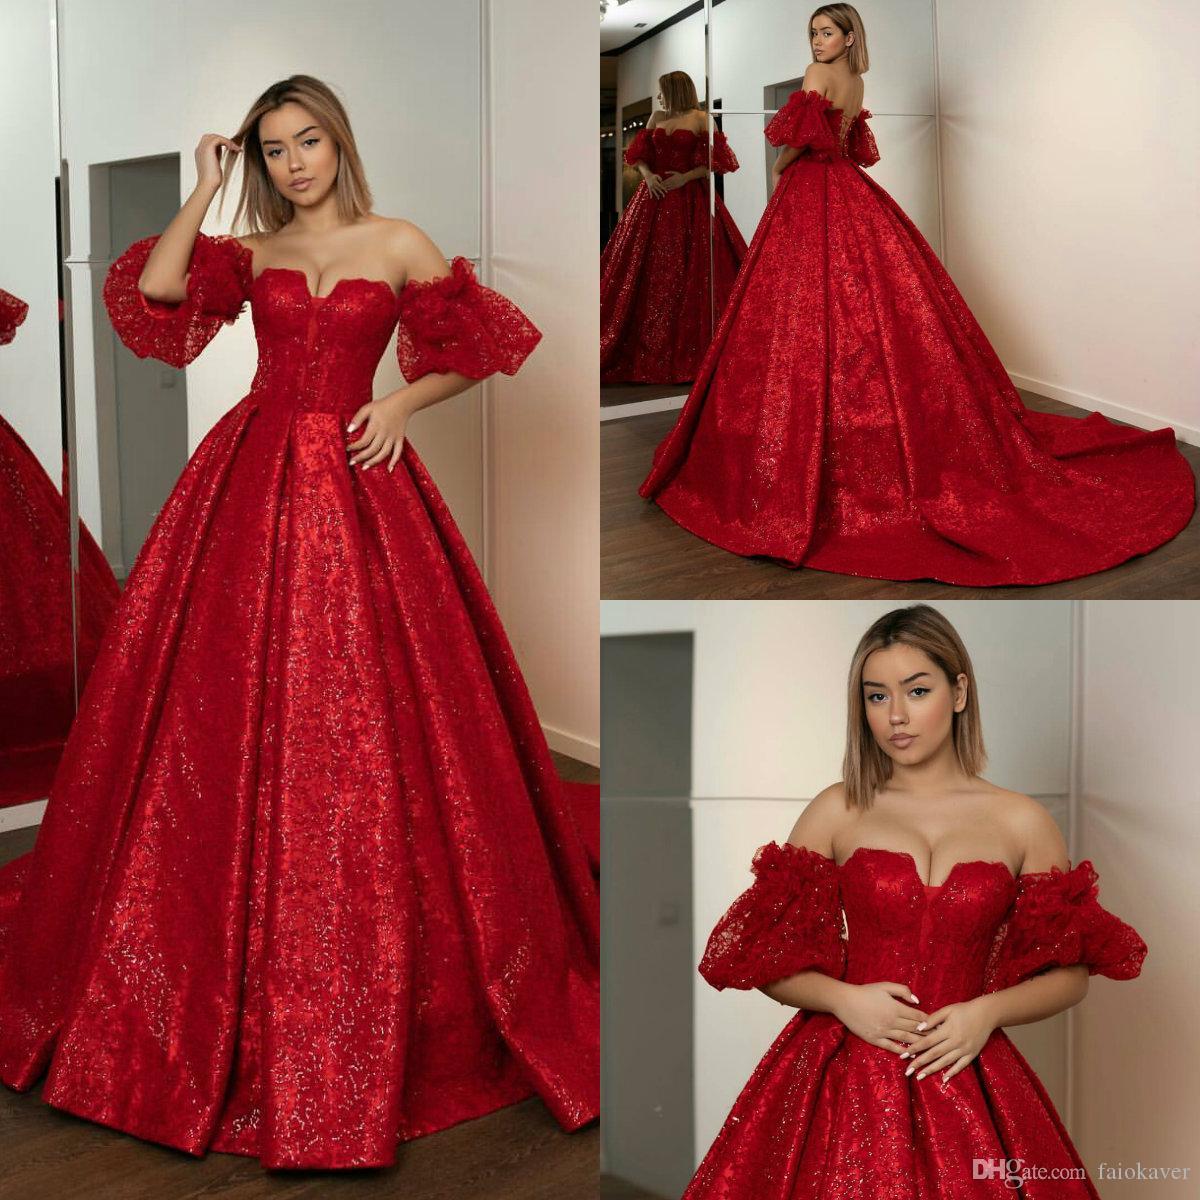 2019 Magnifique Robe De Bal Robes De Bal Chérie Manches Courtes Balayage Train Paillettes Robe De Soirée De Soirée Usure Sur Mesure formelle Robes De Soirée